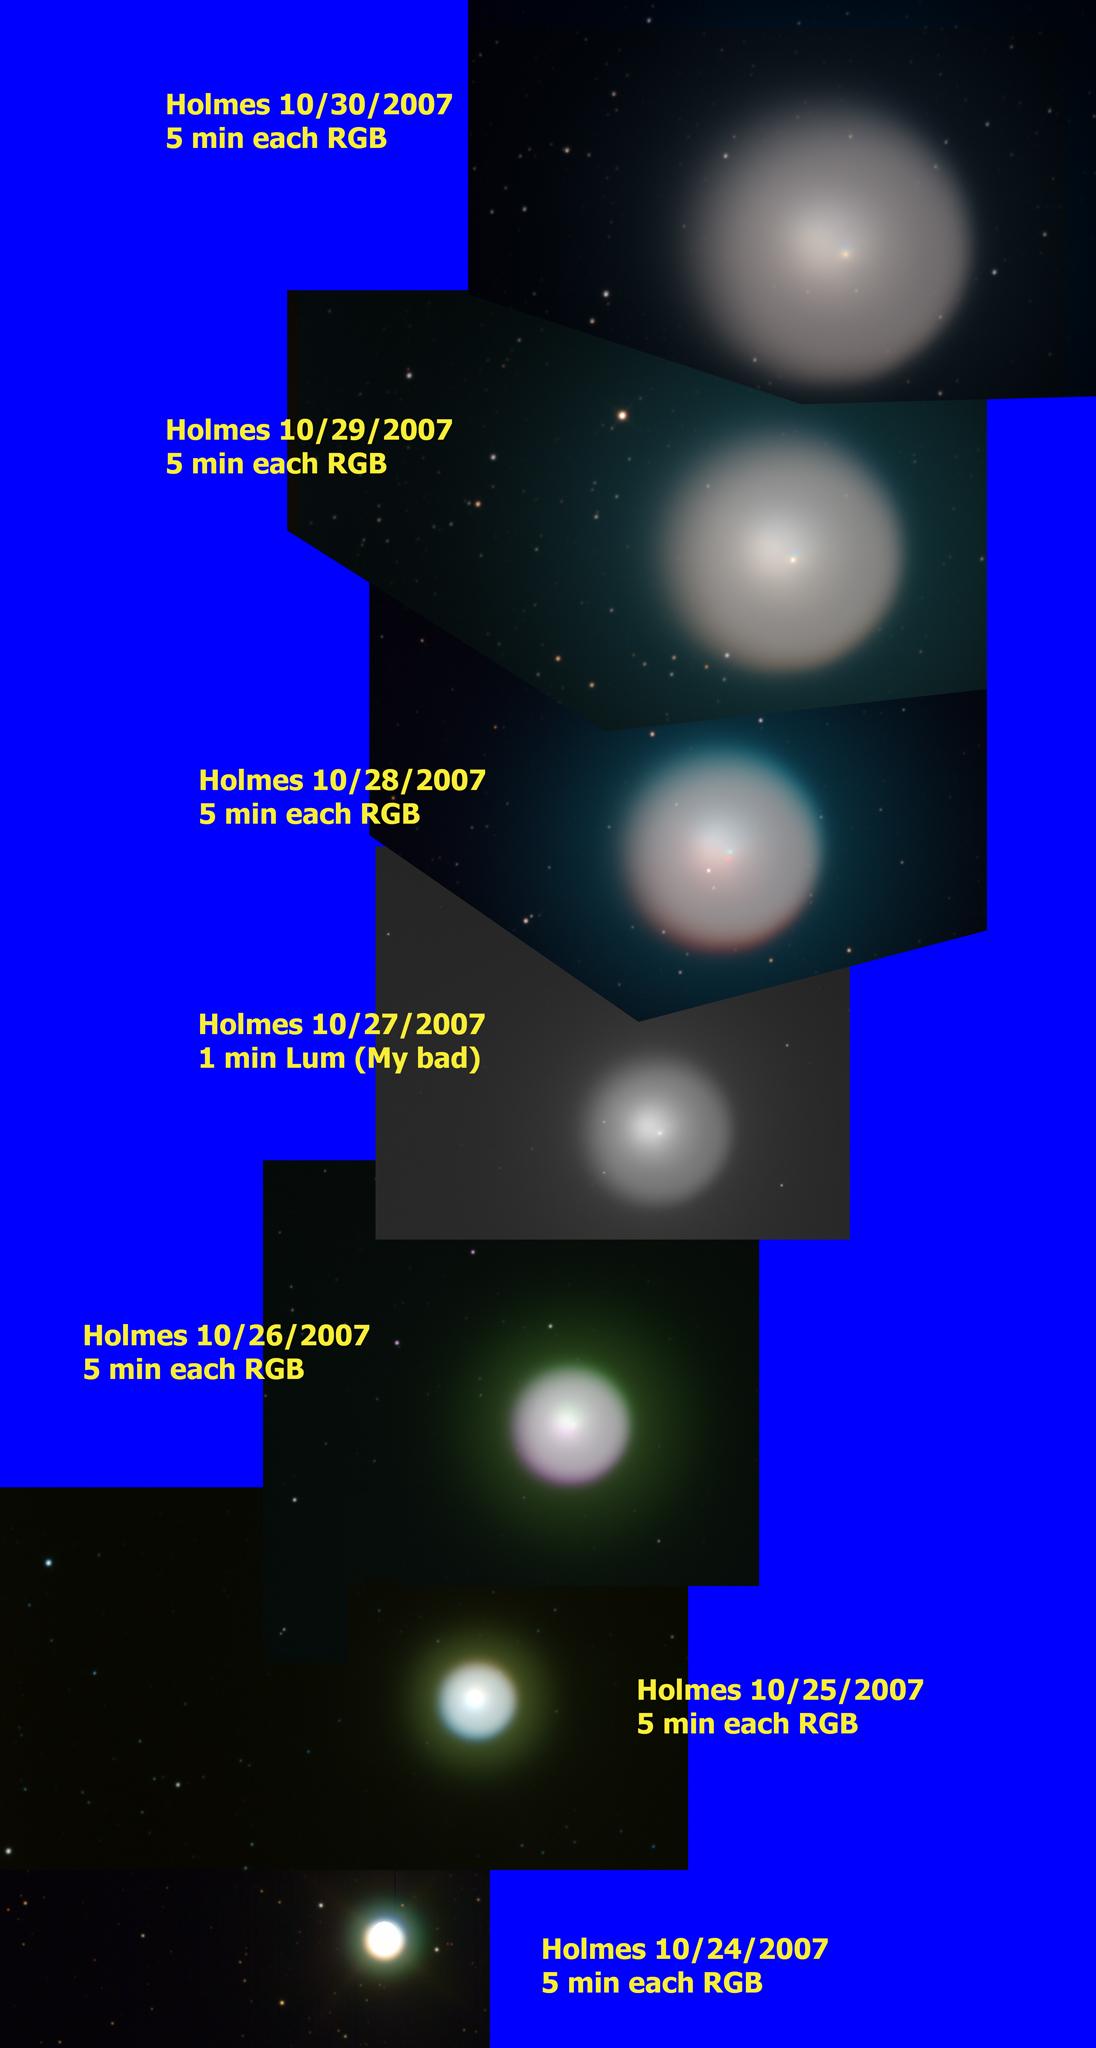 Comète 71P Holmes: éclat soudain!!! - Page 2 Teri-Smoot1